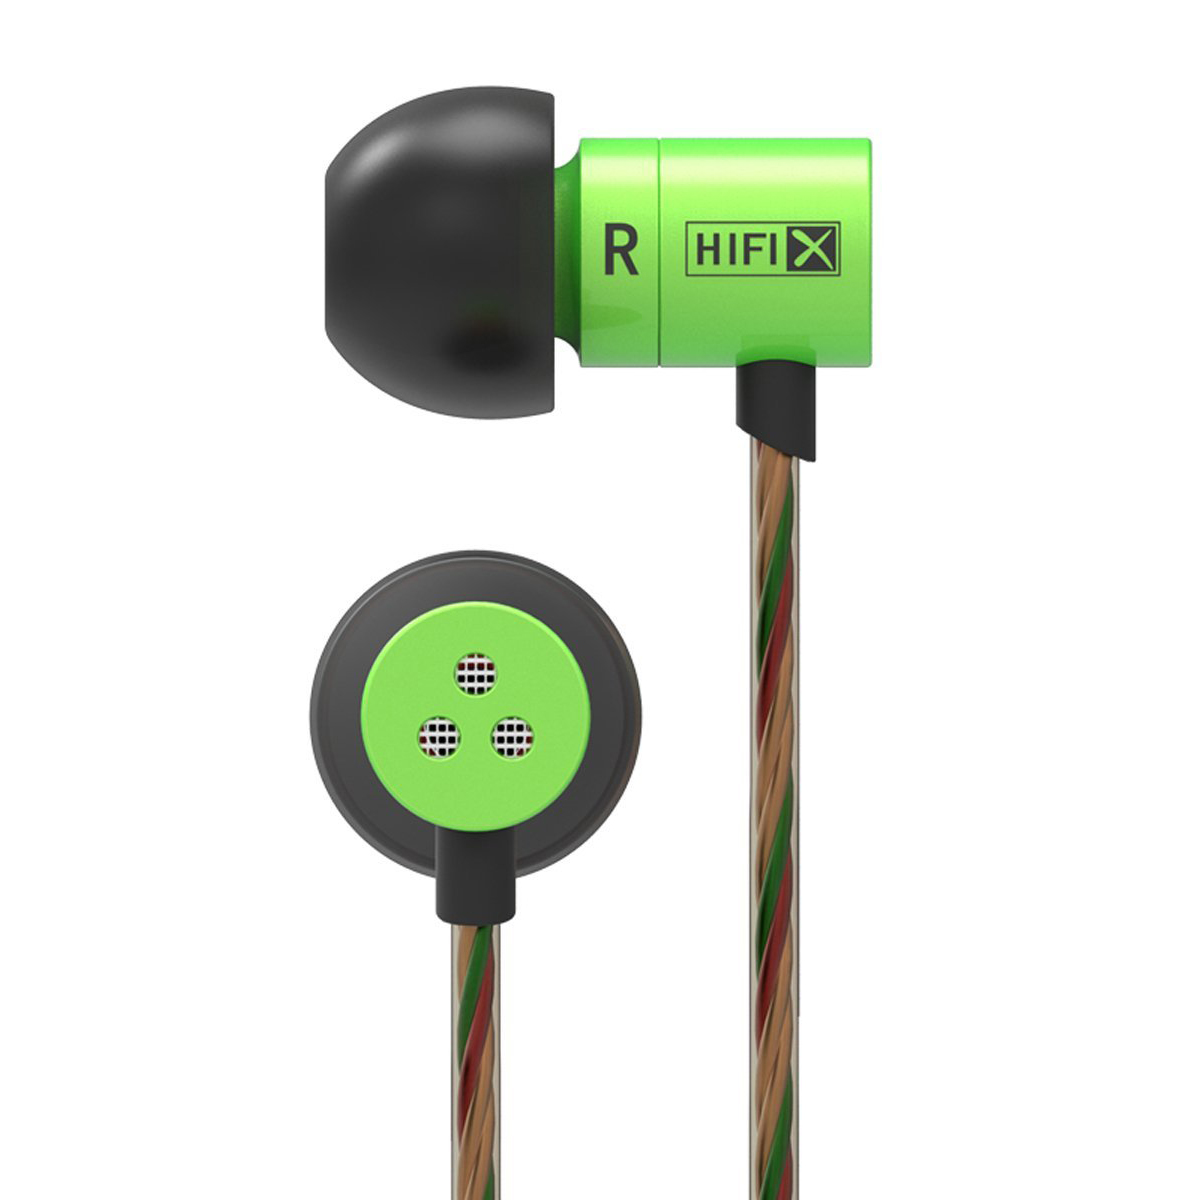 ขาย KZ HDS1 (มีไมค์ในตัว) หูฟังอินเอียร์แนวใหม่จิ๋วแต่แจ๋ว ให้คุณภาพเสียงระดับ HD (สีเขียว)